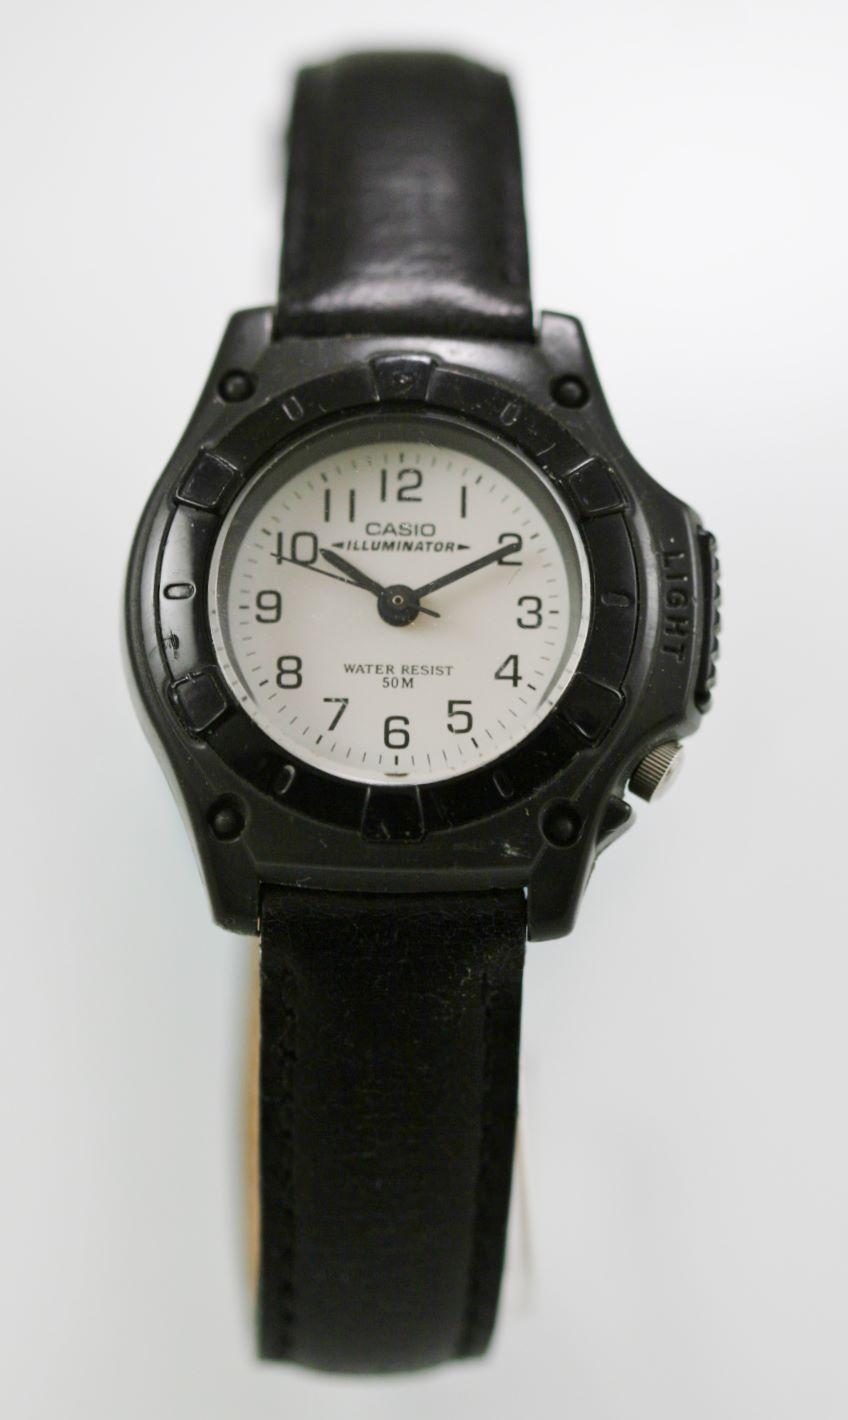 9b0deaecd2e6 Casio Illuminator Reloj Mujer Plástico Gris Cuero Negro 50M Luz ...